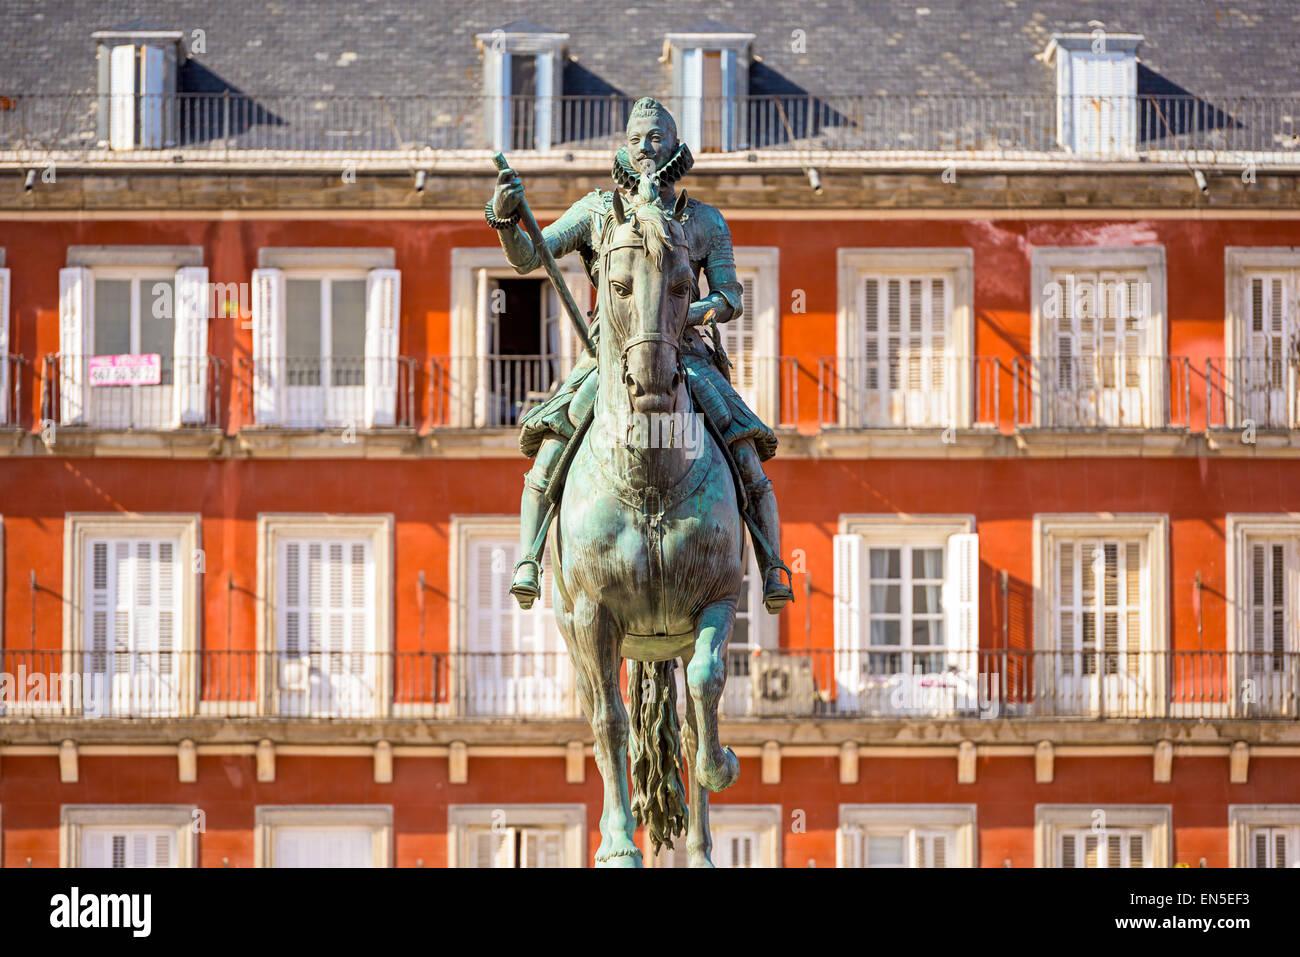 Madrid, Spagna monumento in Plaza de Espana. Immagini Stock